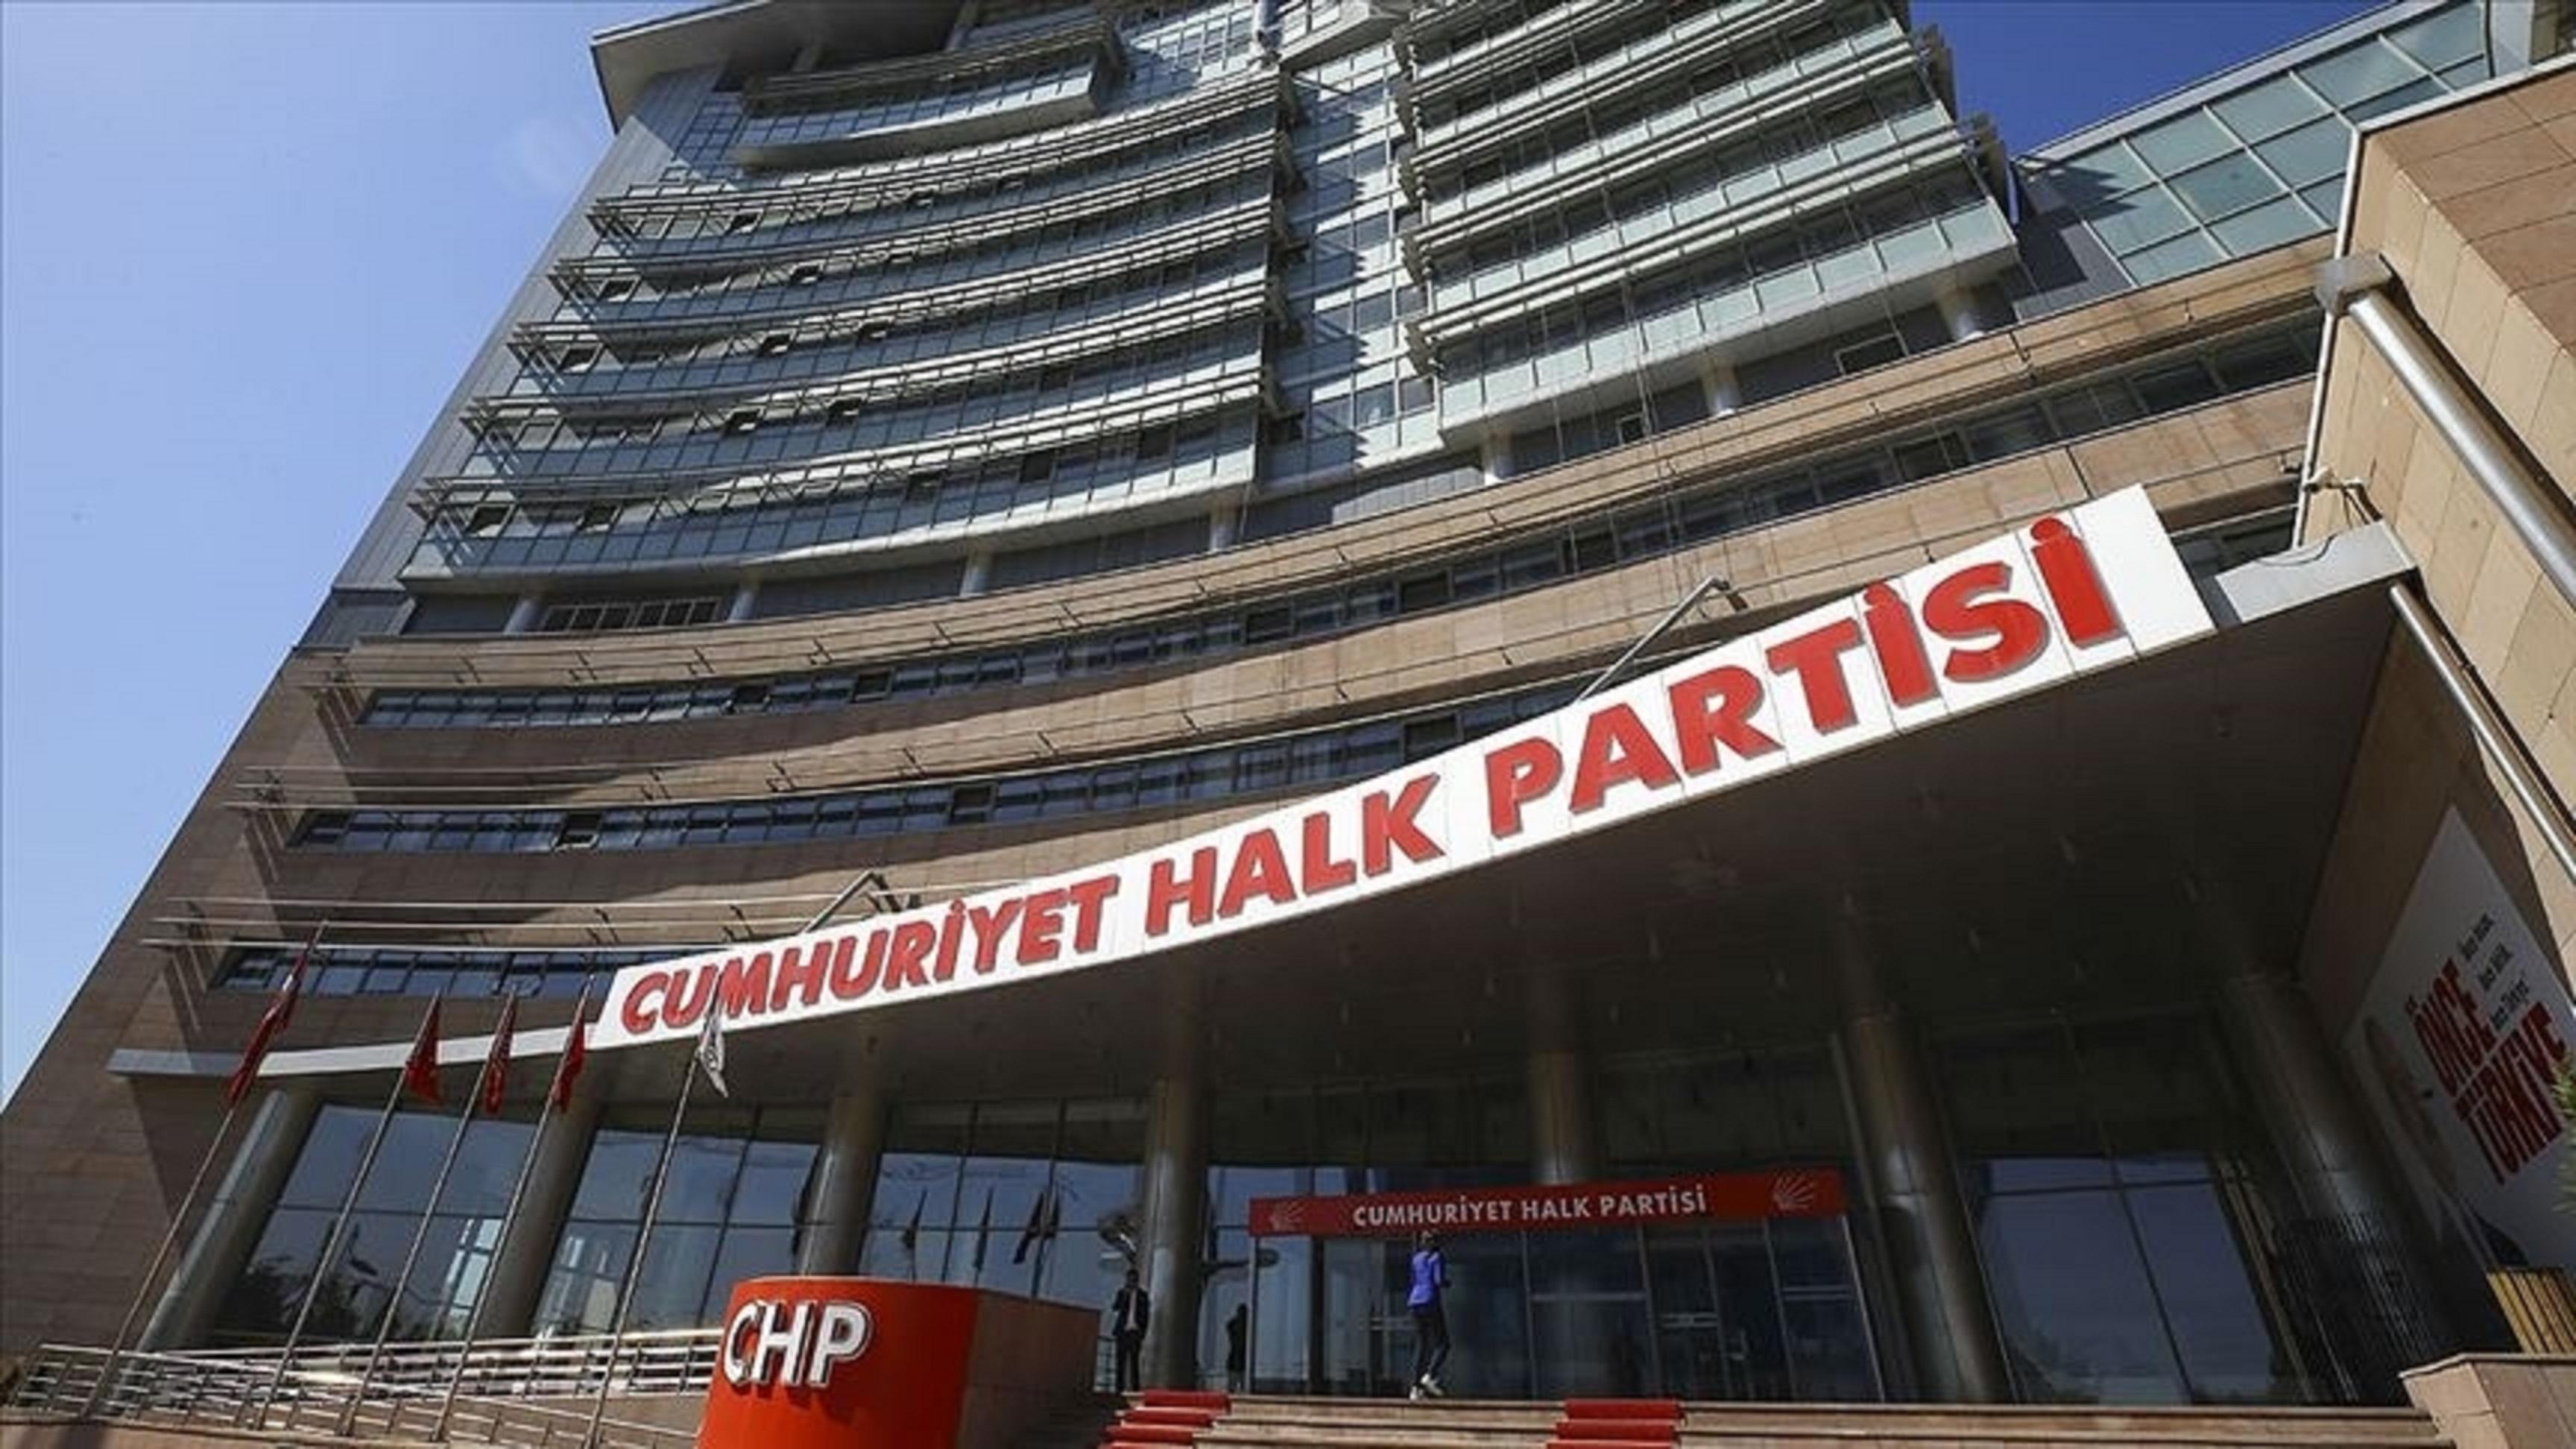 CHPde skandallar bitmiyor! İlçeye giriş çıkış yapan araçlardan para aldığı ortaya çıkmıştı! CHPli belediye başkanı disipline sevk edildi